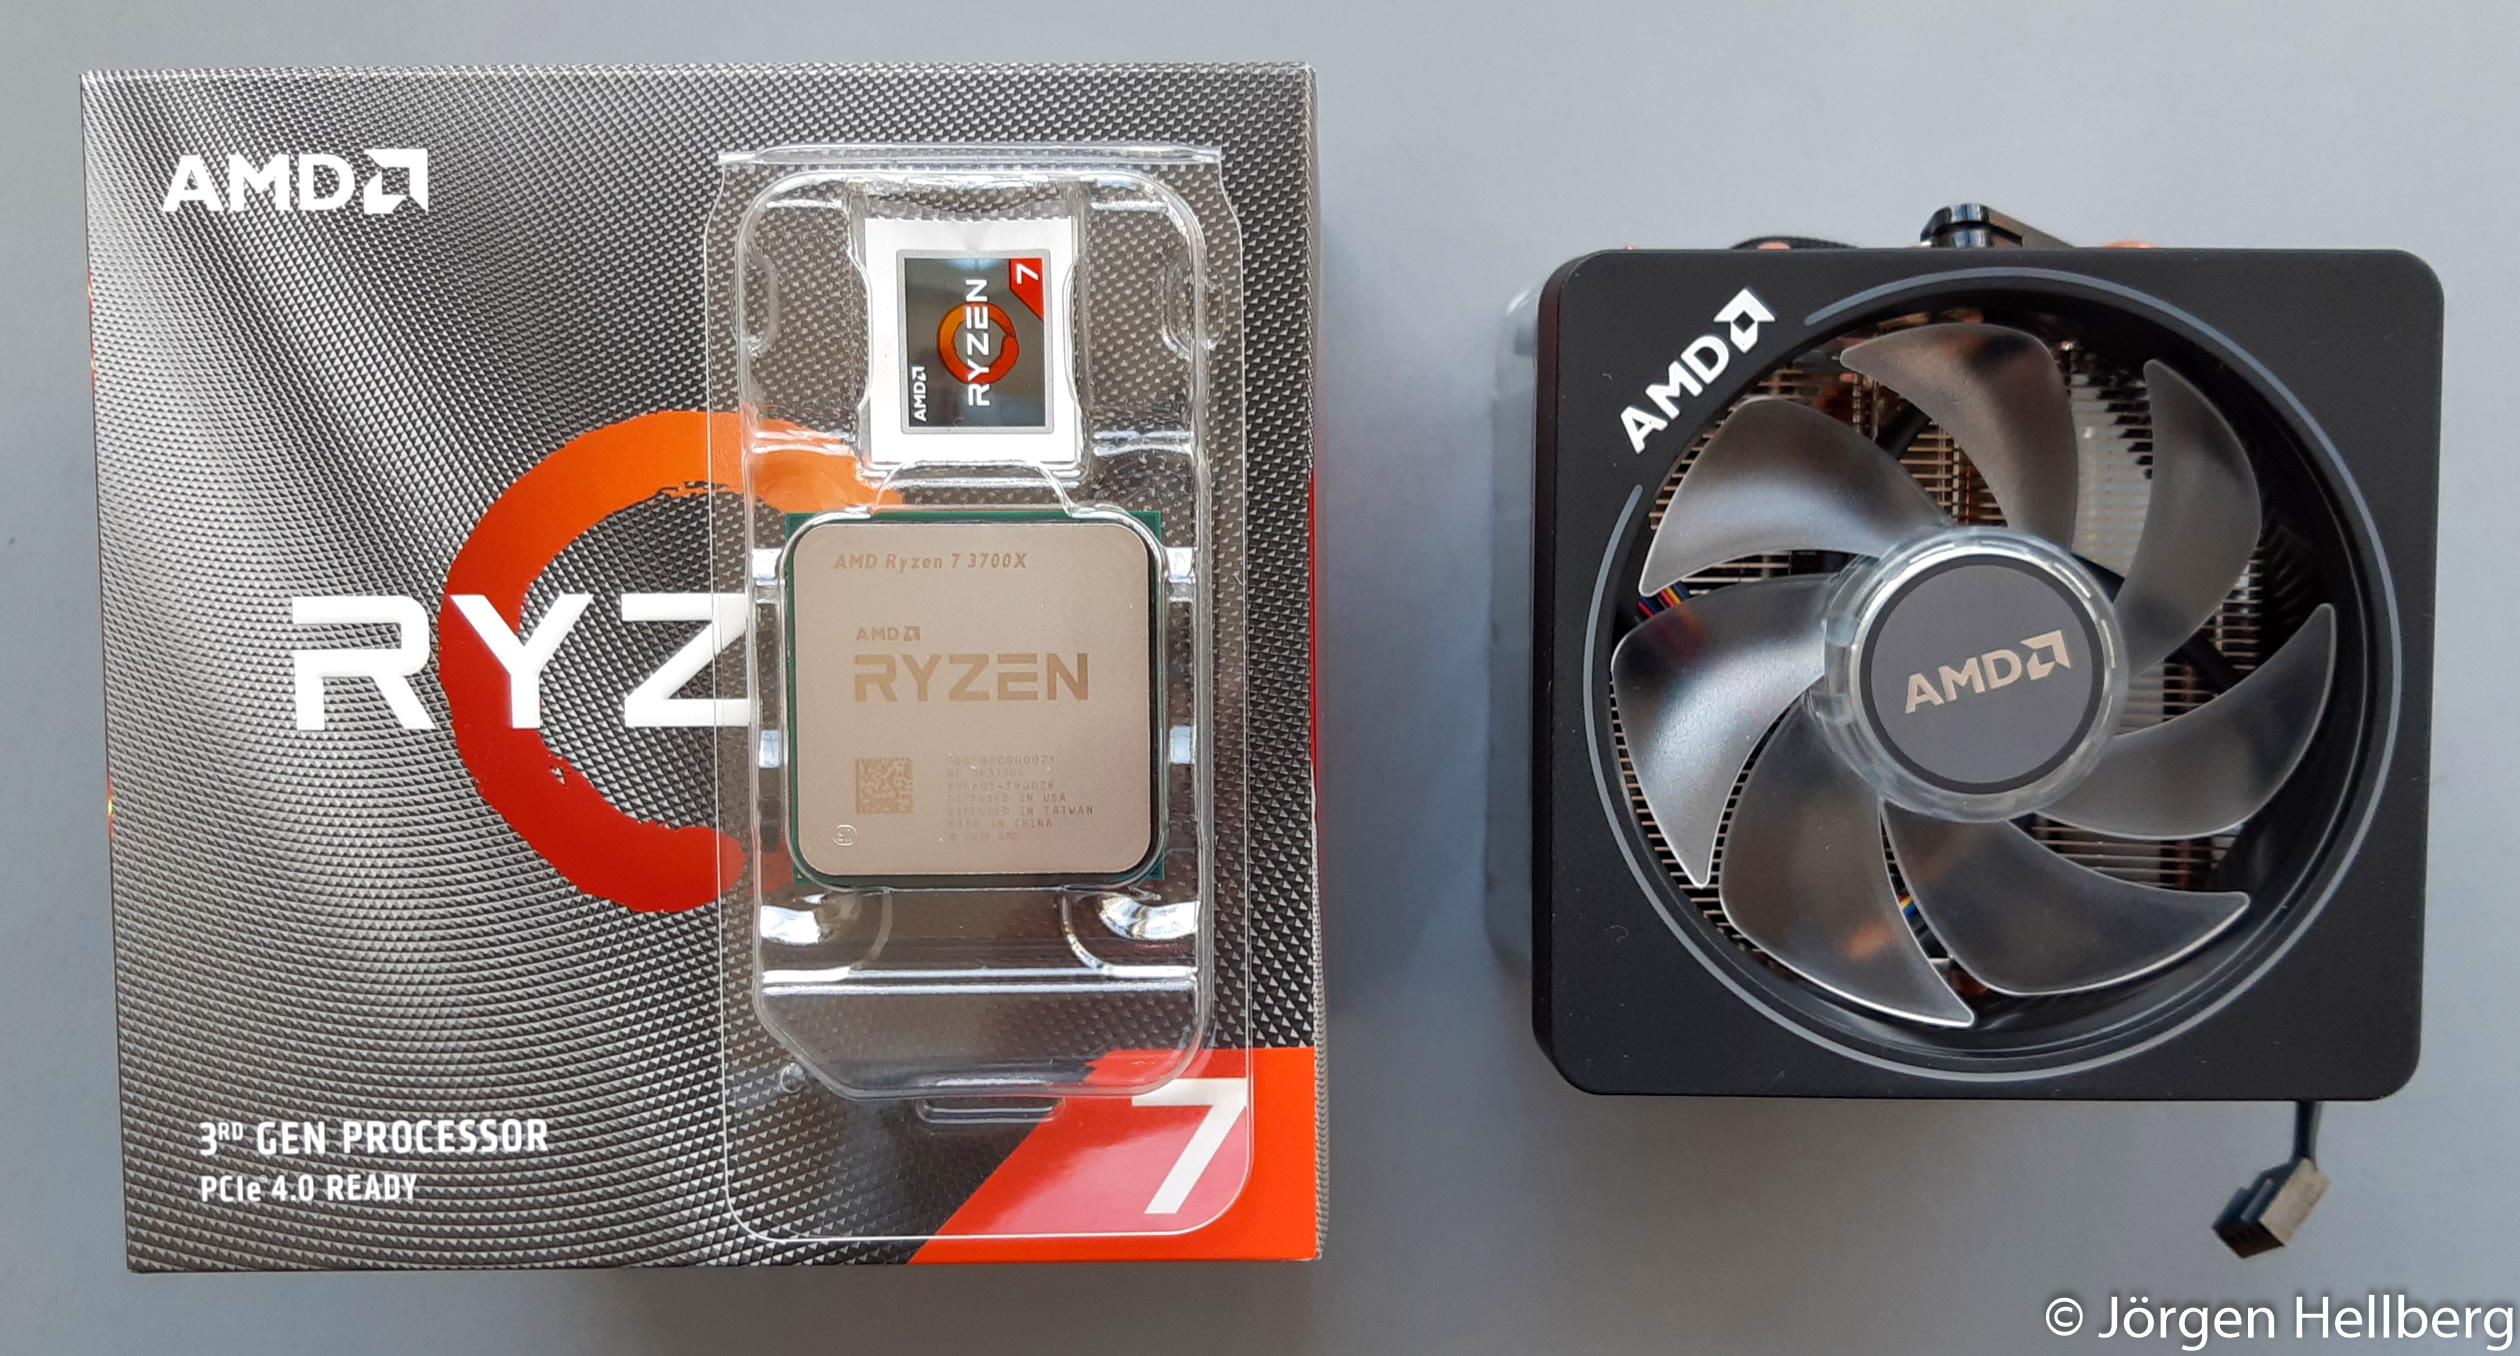 Ryzen 7 3700X Processor